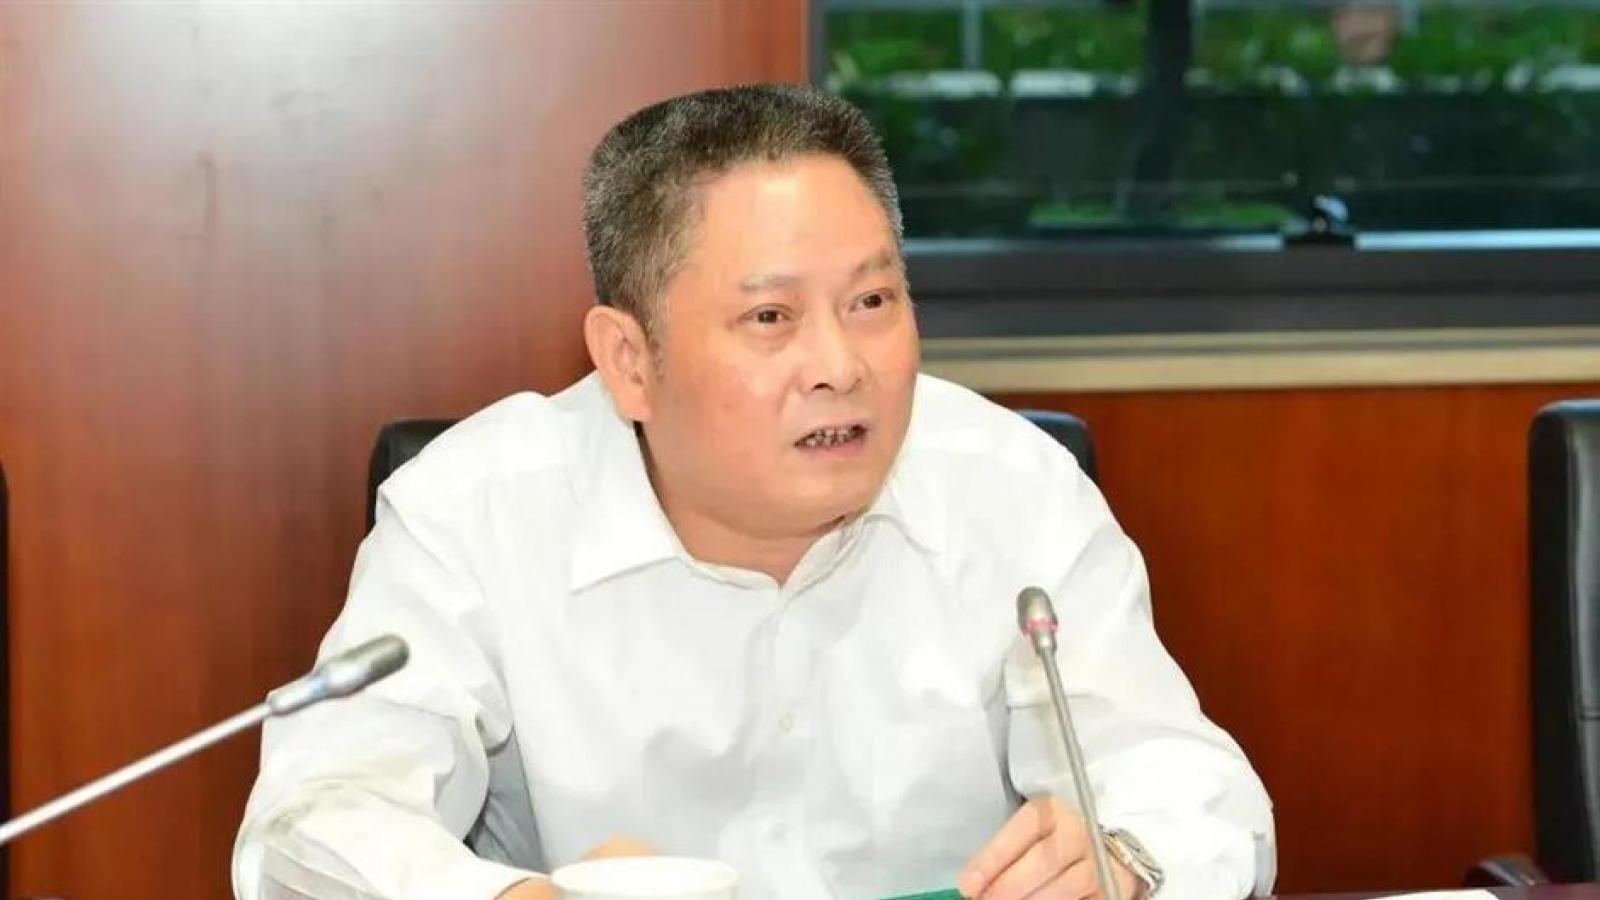 Trung Quốc khai trừ đảng cựu Phó Thị trưởng Thượng Hải